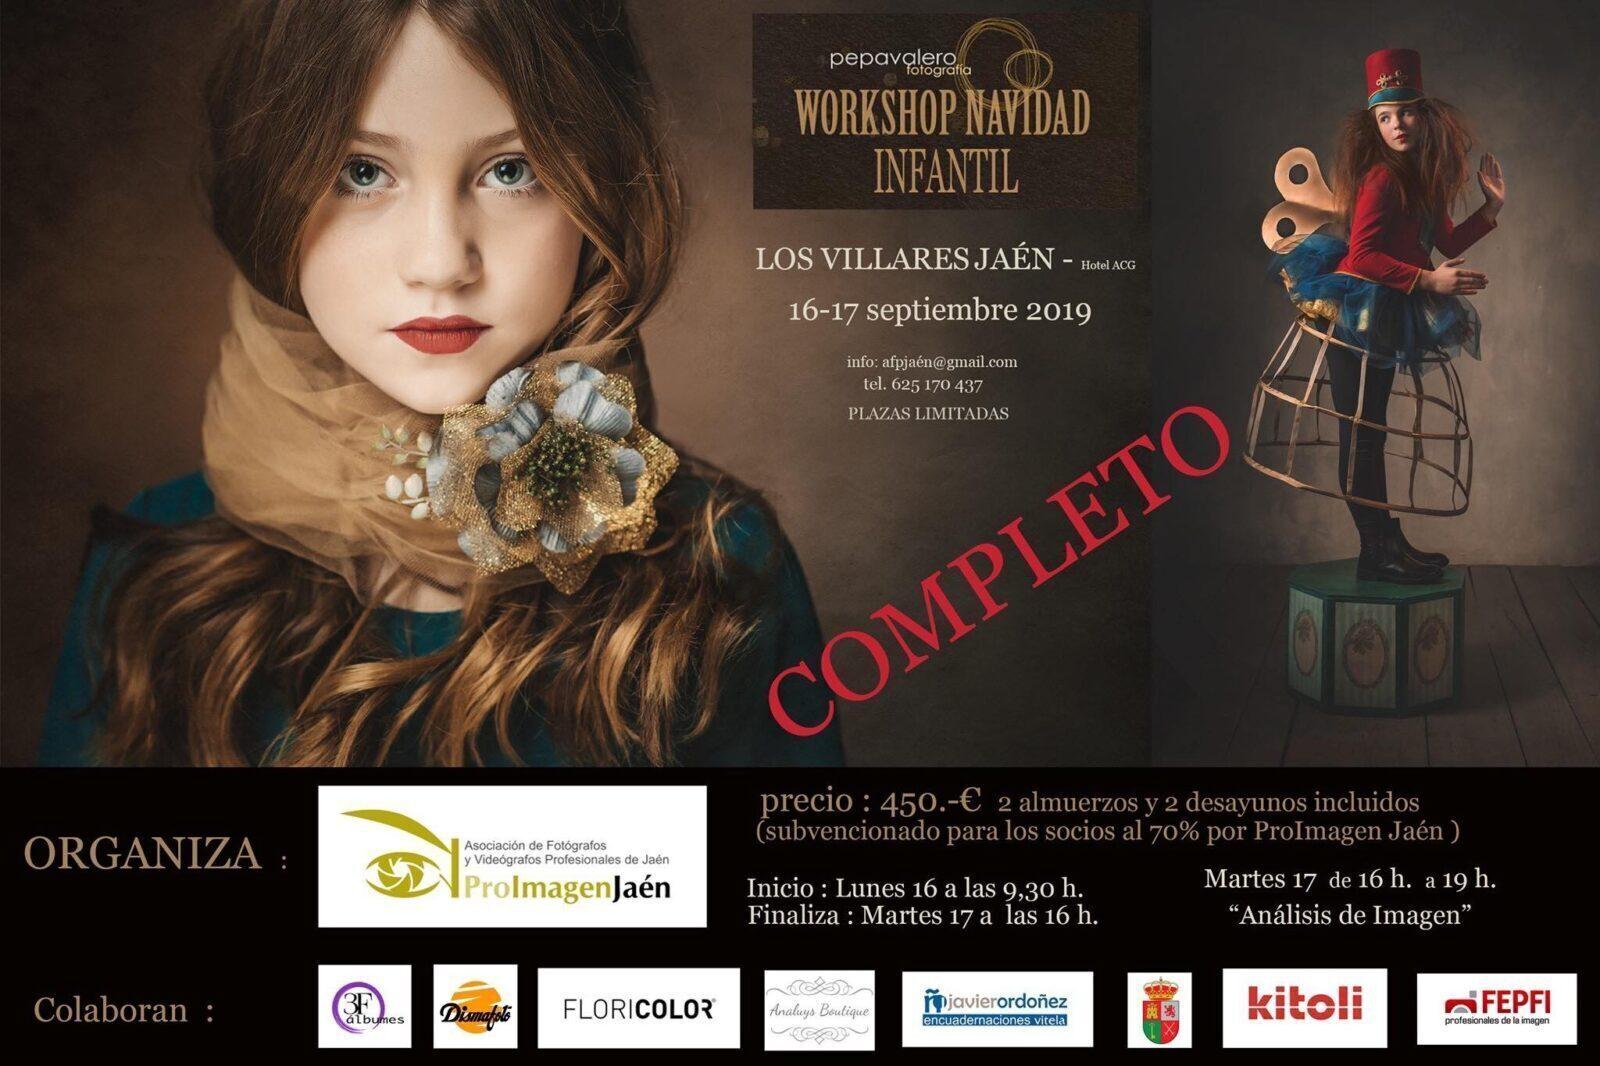 Workshop Navidad Infantil con Pepa Valero por ProImagen Jaén en Los Villares